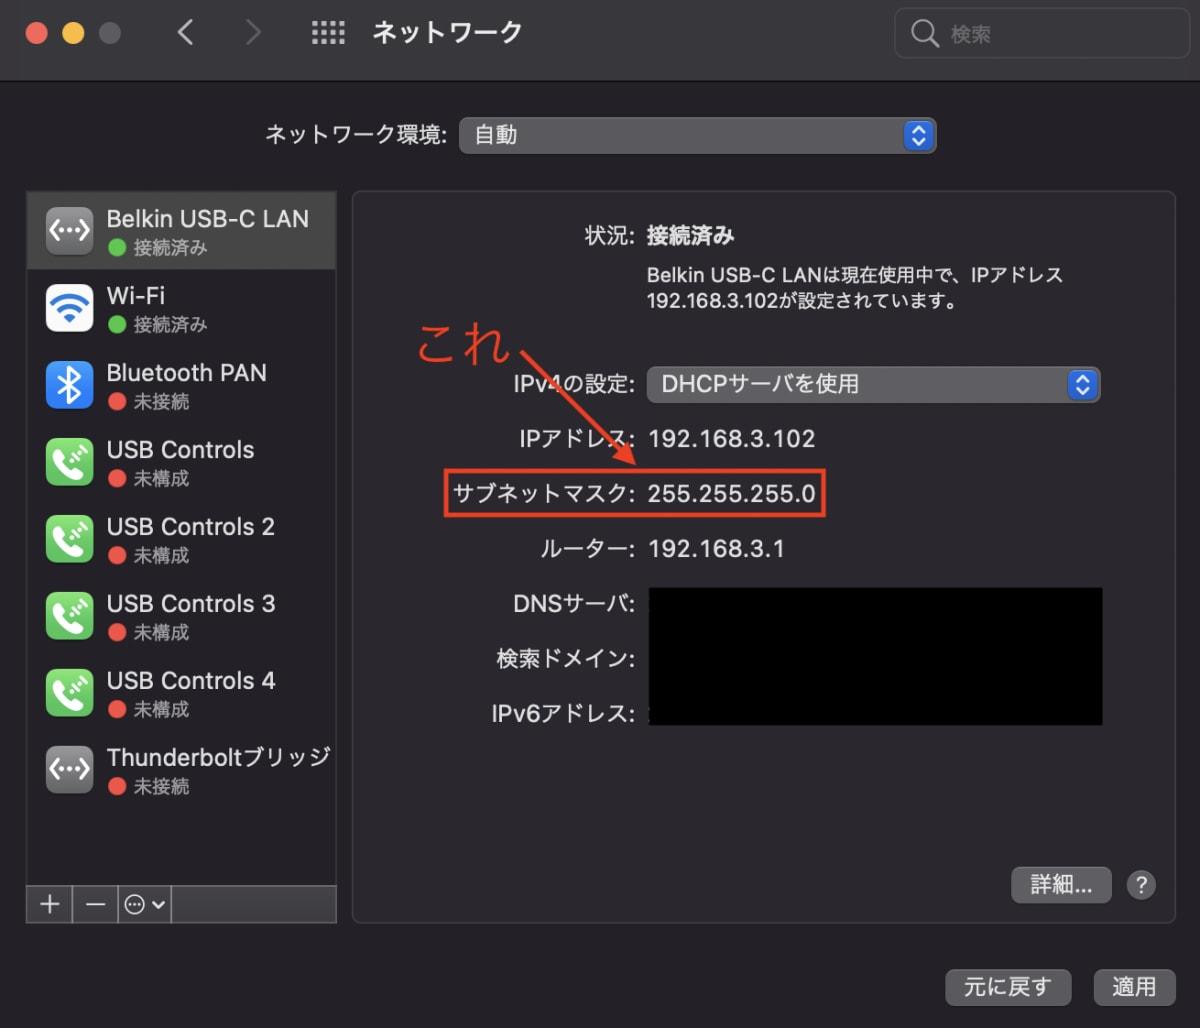 スクリーンショット 2020-12-24 17.33.46のコピー3.png